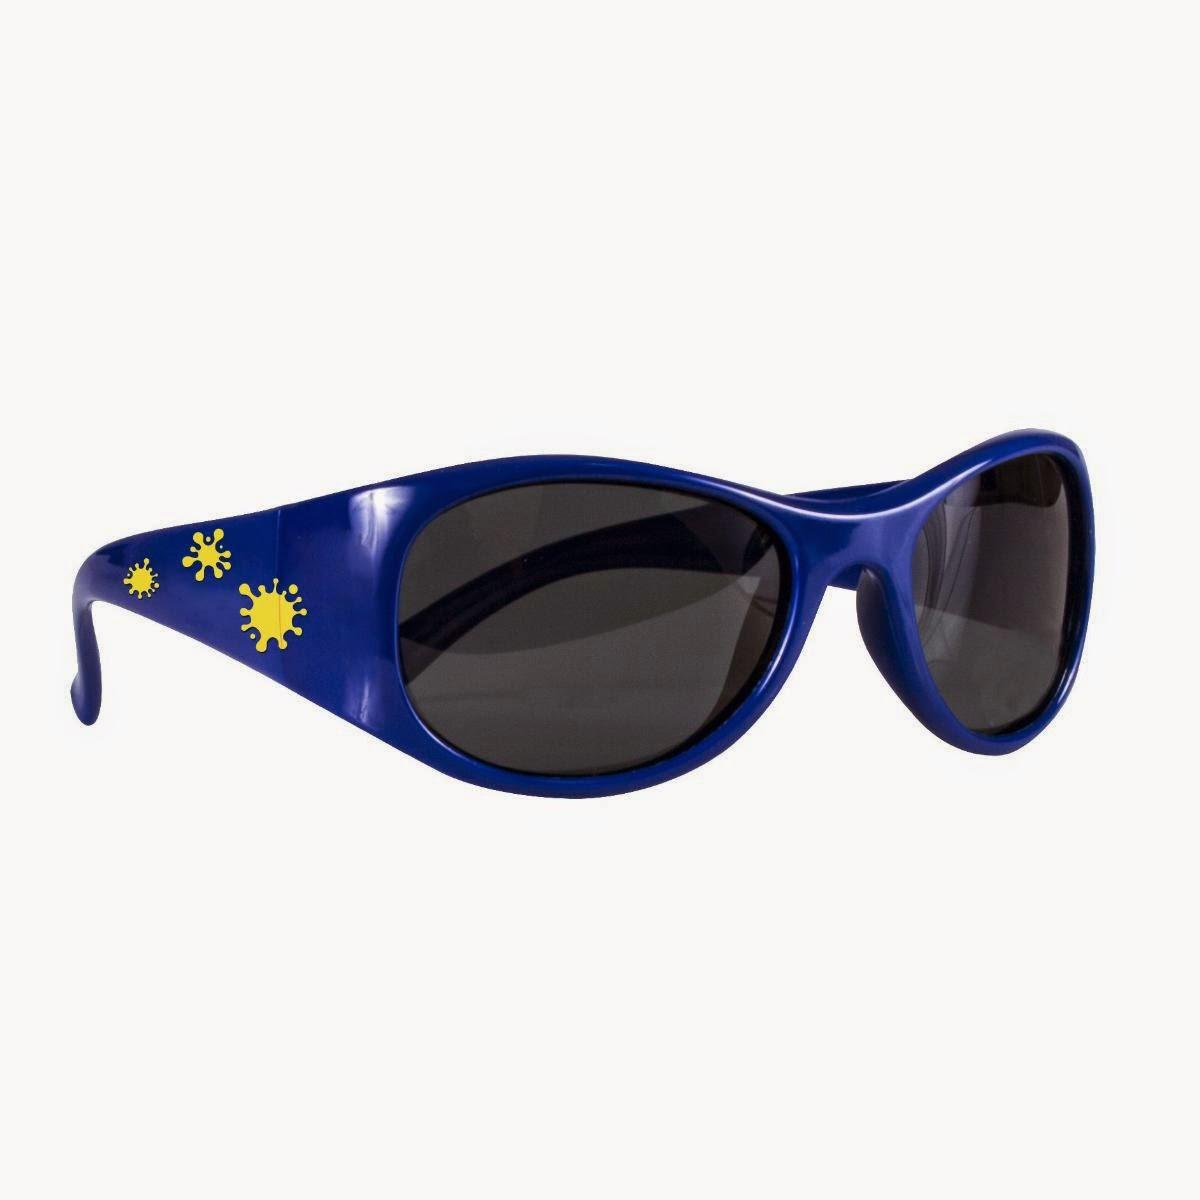 Nova coleção óculos de sol Chicco   Farmácia Turcifalense 5695791785